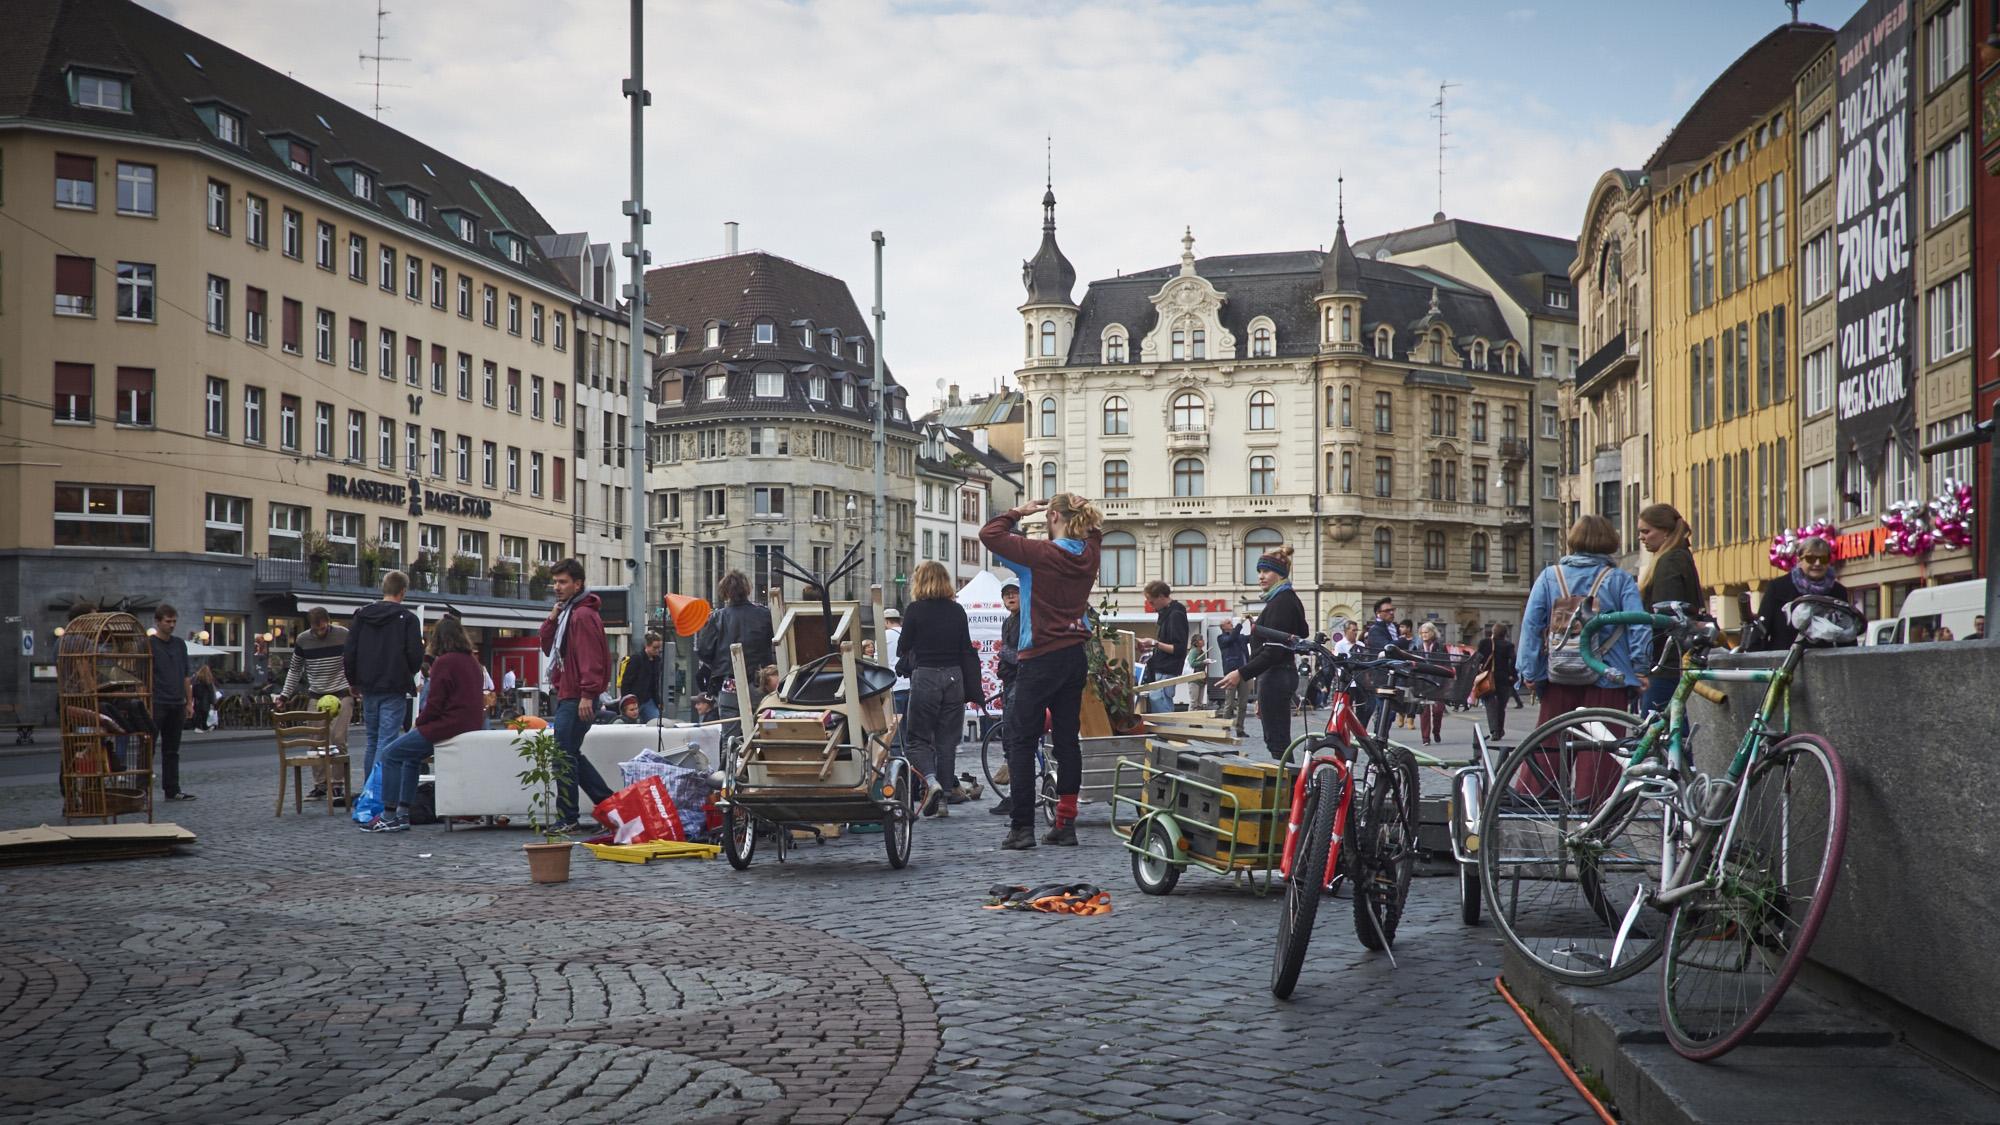 Öffentliches Wohnzimmer: Aktivisten richten sich auf dem Marktplatz ein, um für eine sanftere Wohnraumpolitik zu demonstrie